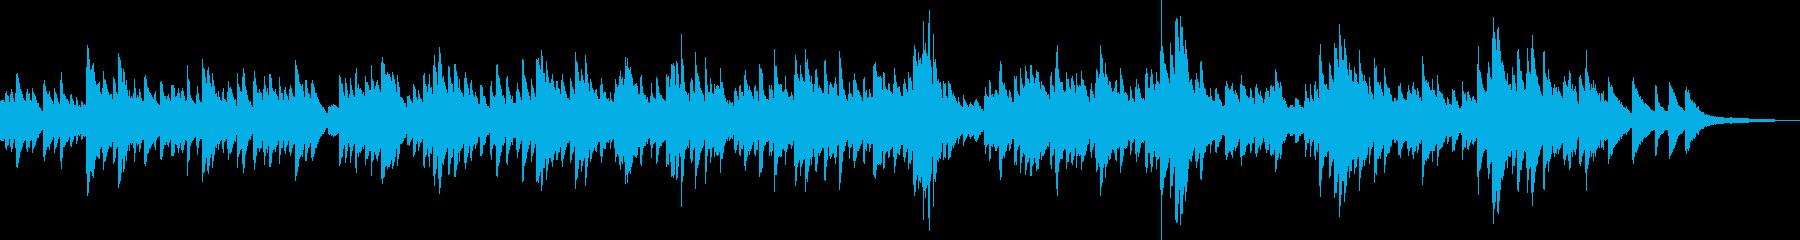 新生活の始まり(ピアノ、爽やか、切ない)の再生済みの波形